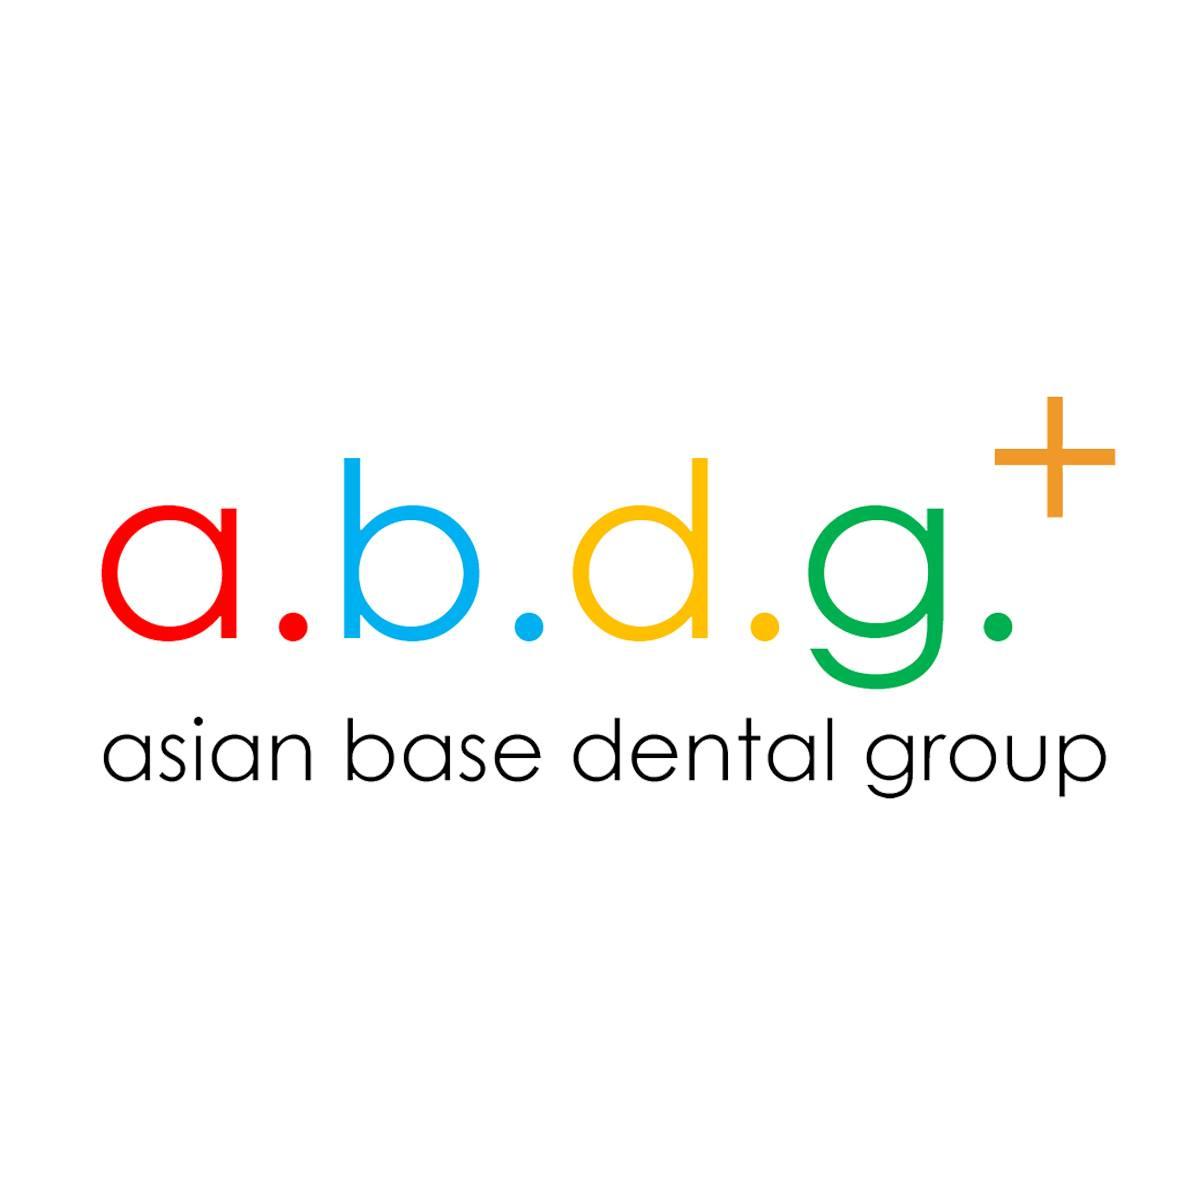 Asian Base Dental Group brand logo